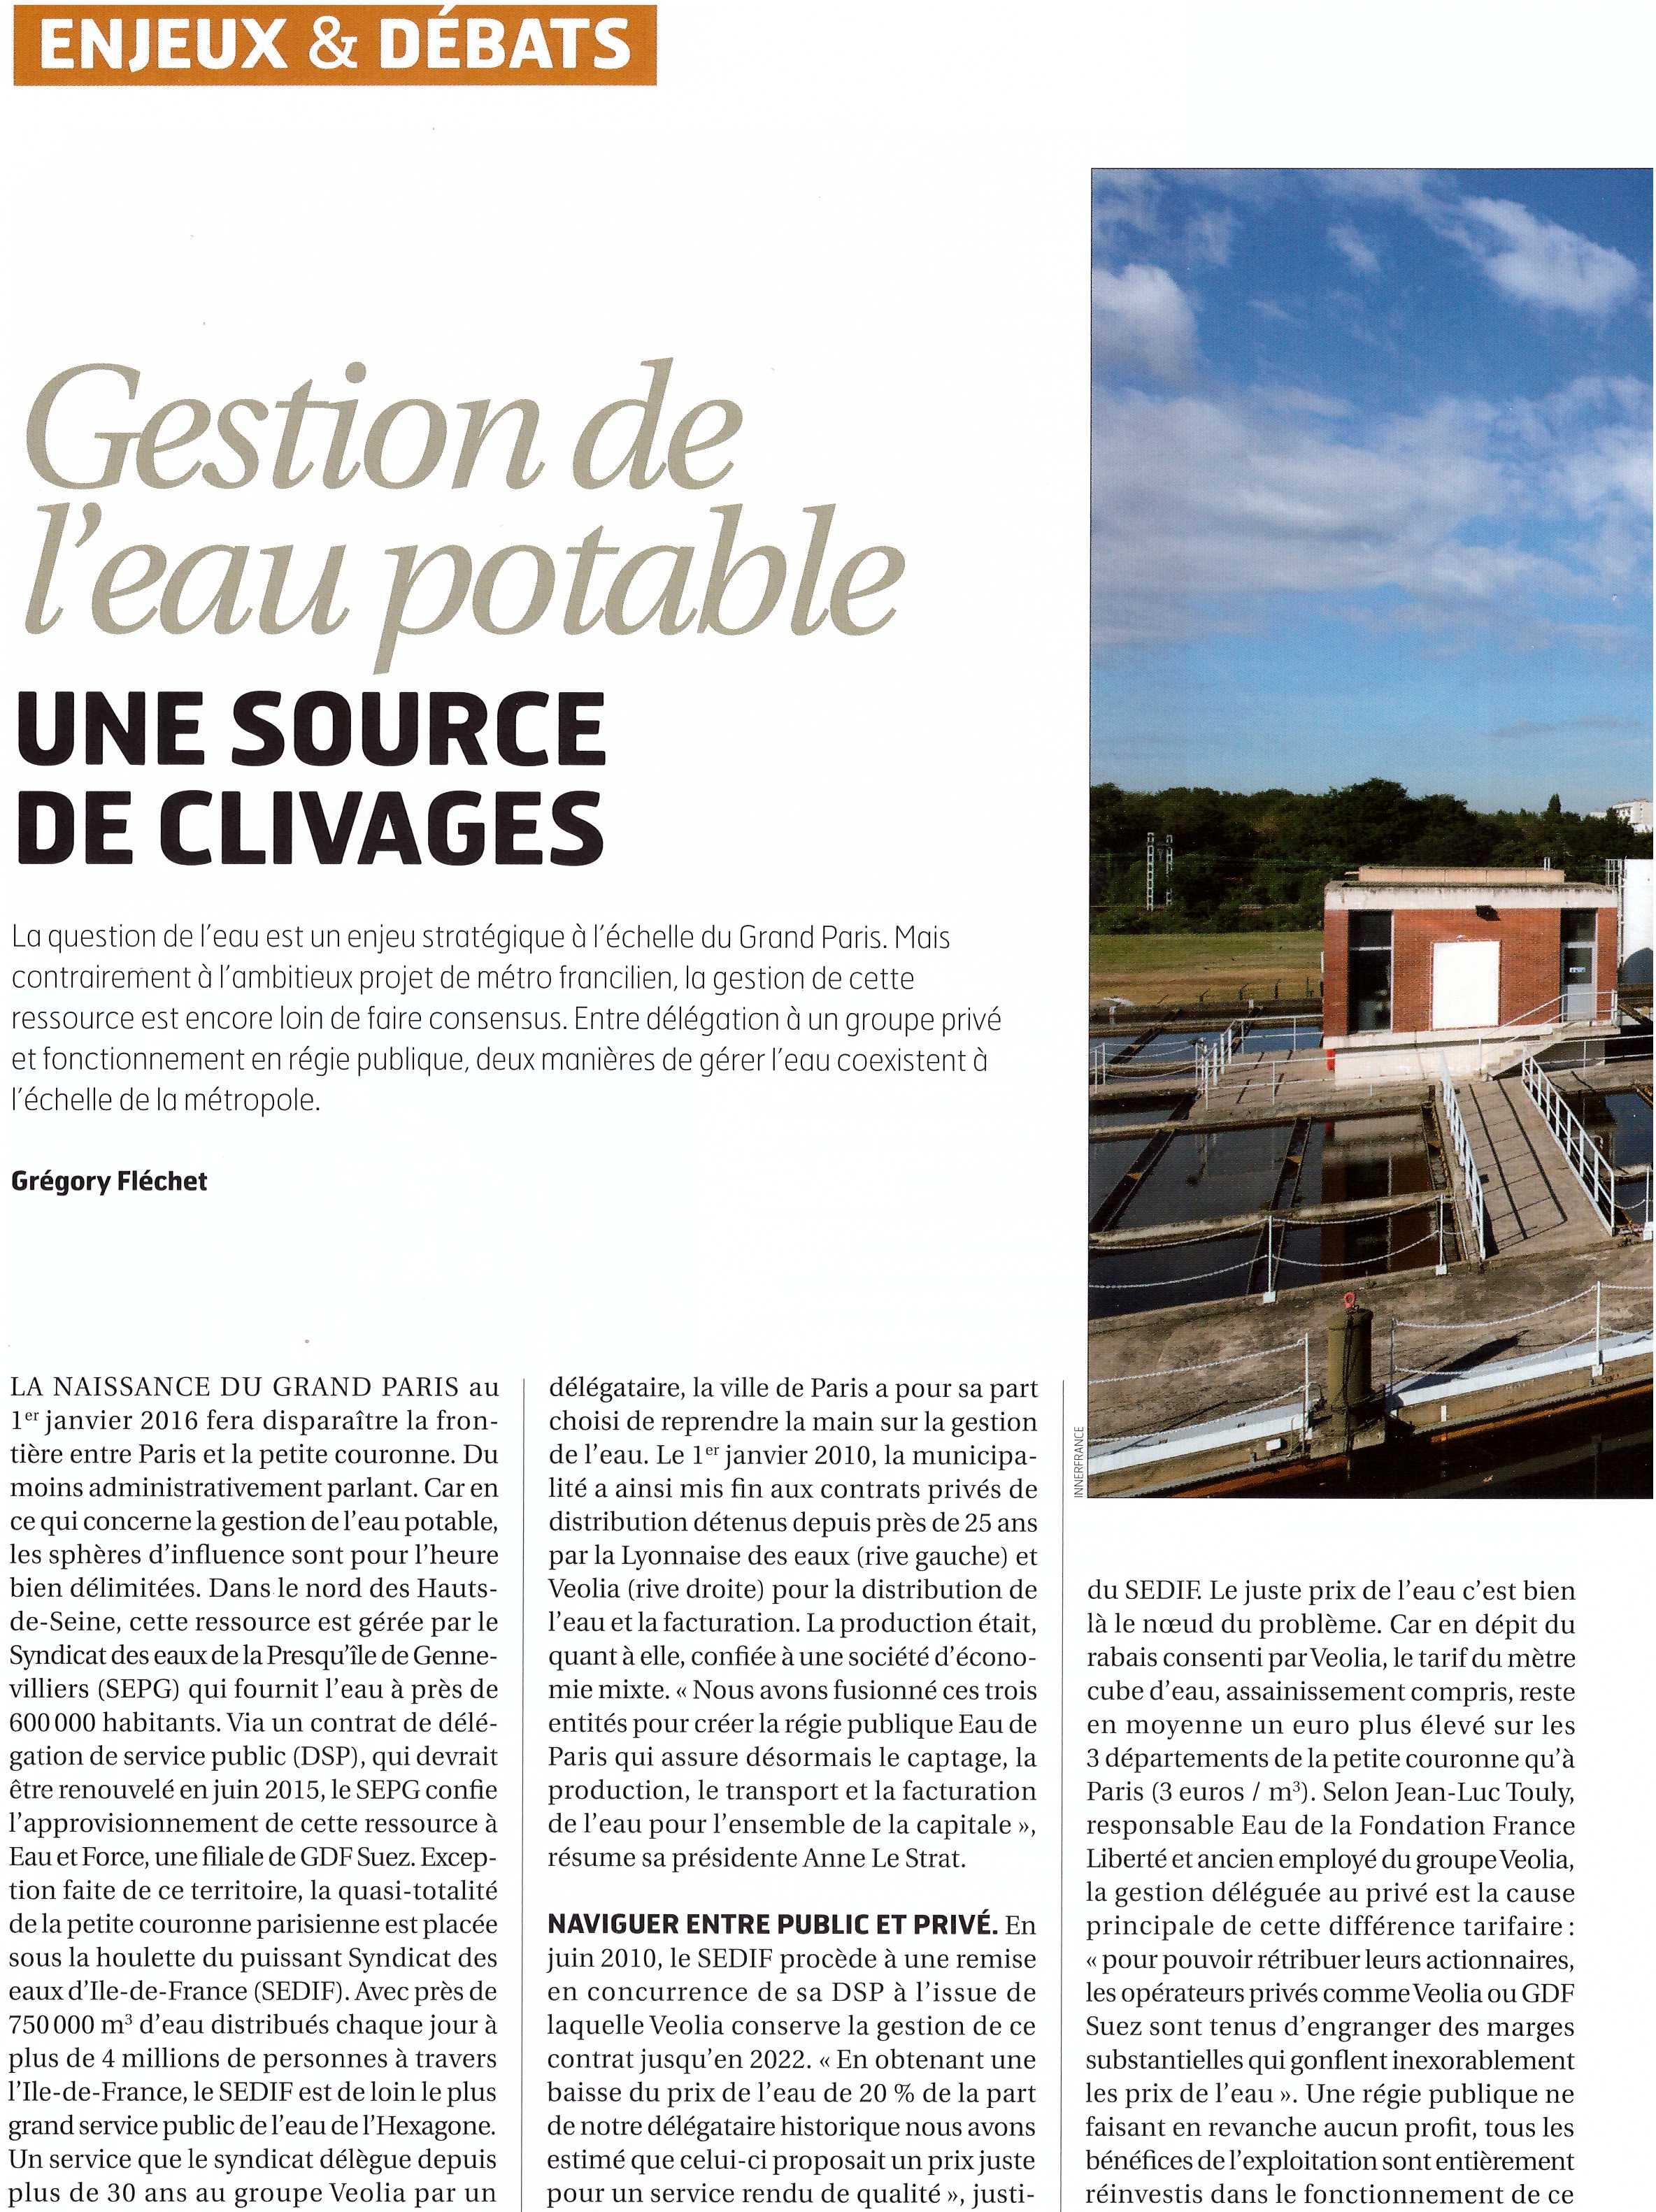 Grand Paris mai 2014 : Gestion de l'eau potable : une source de clivages : Public ou privé ?